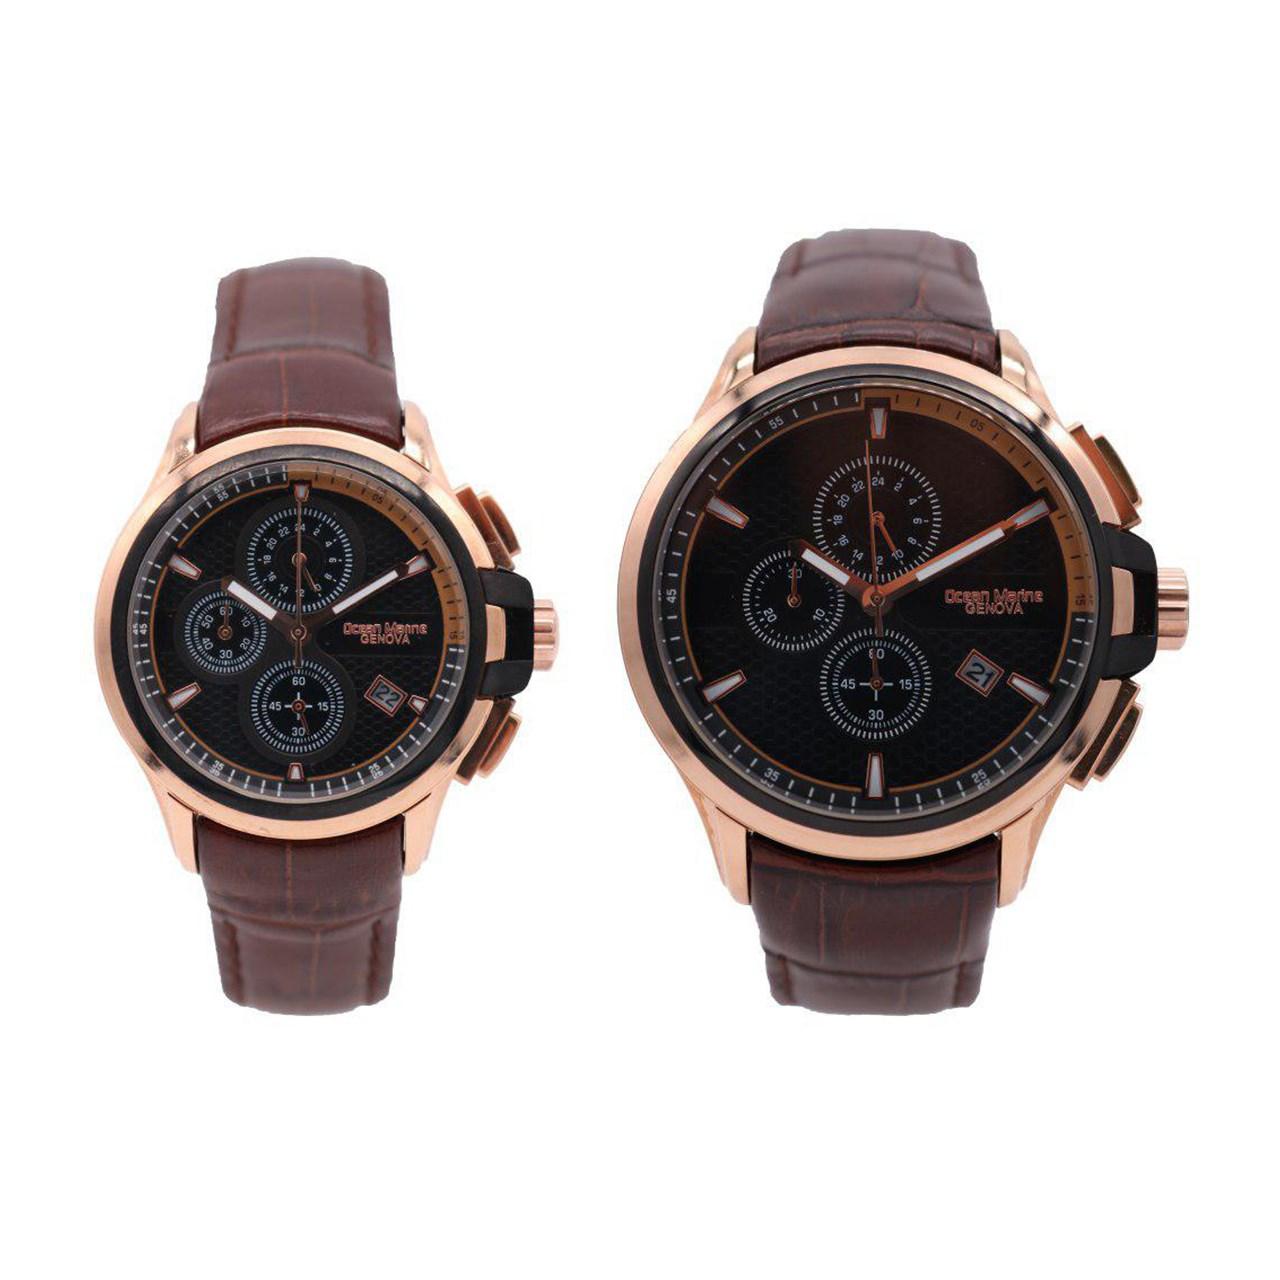 ساعت ست مردانه و زنانه اوشن مارین مدل Z-318Gb2 و Z-318Lb2